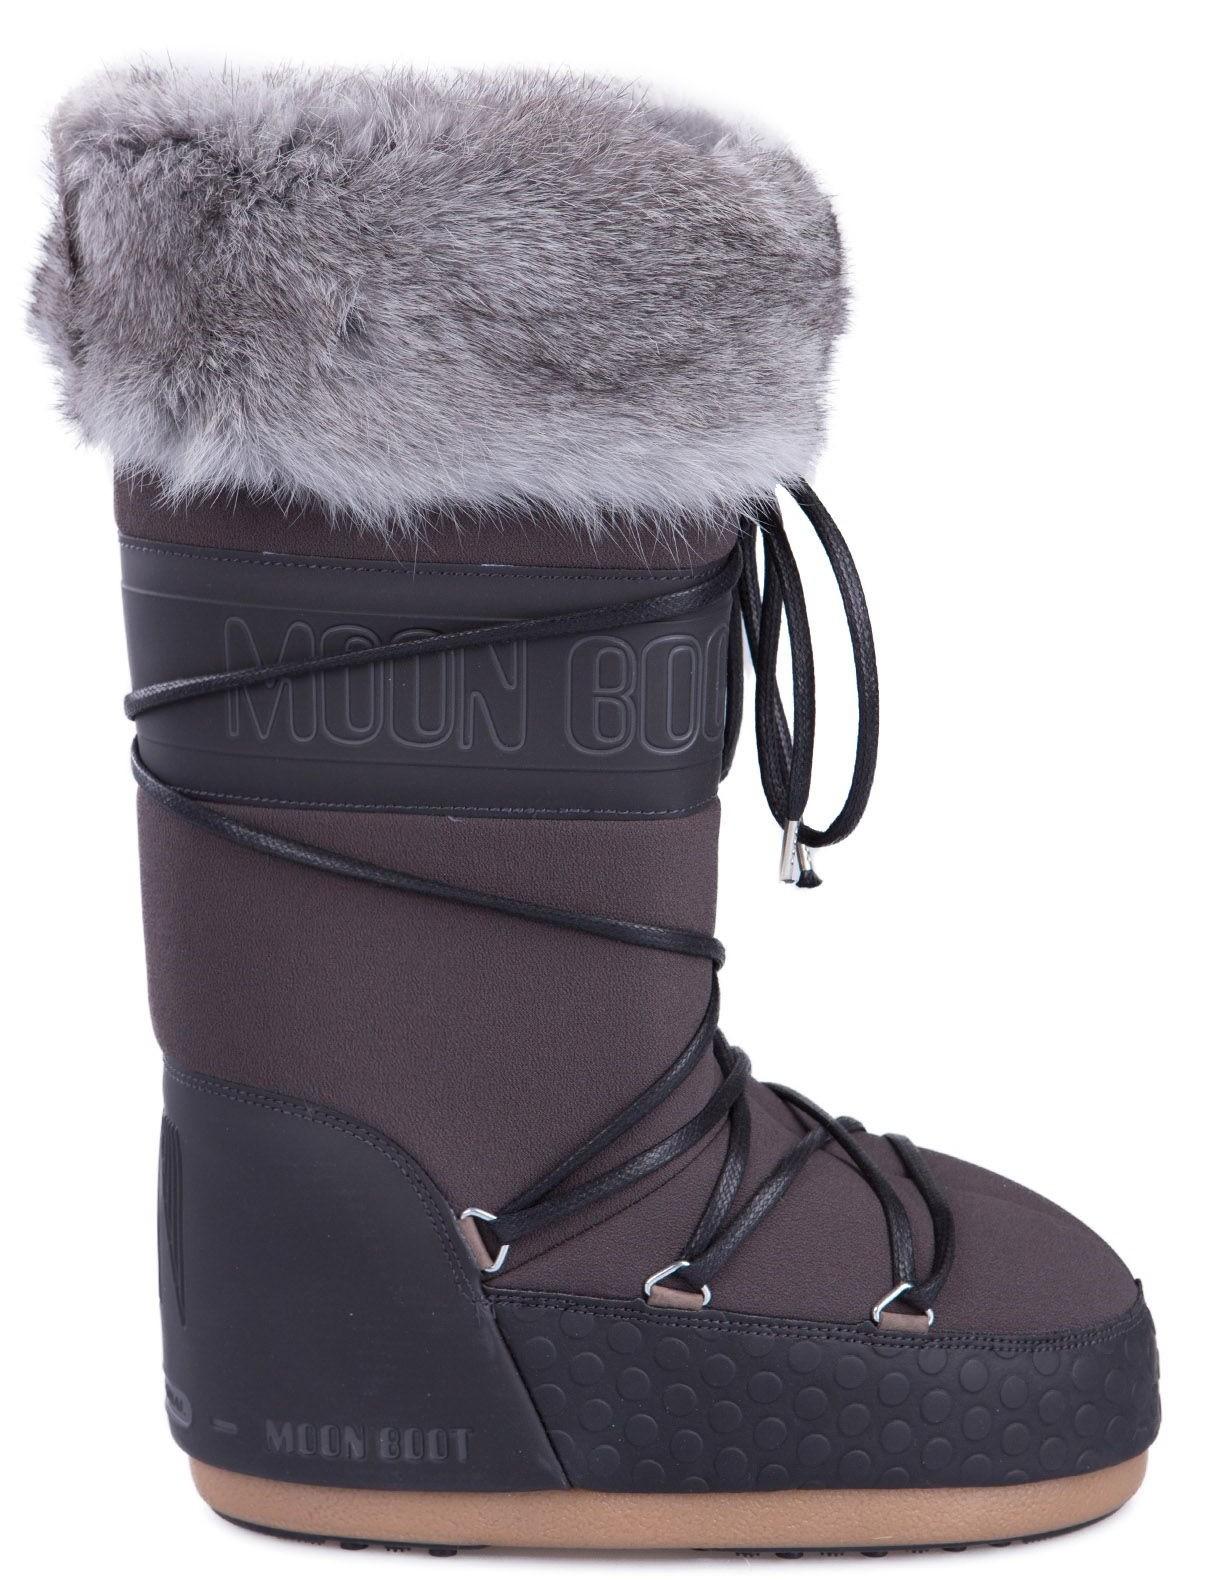 Moon boot śniegowce te